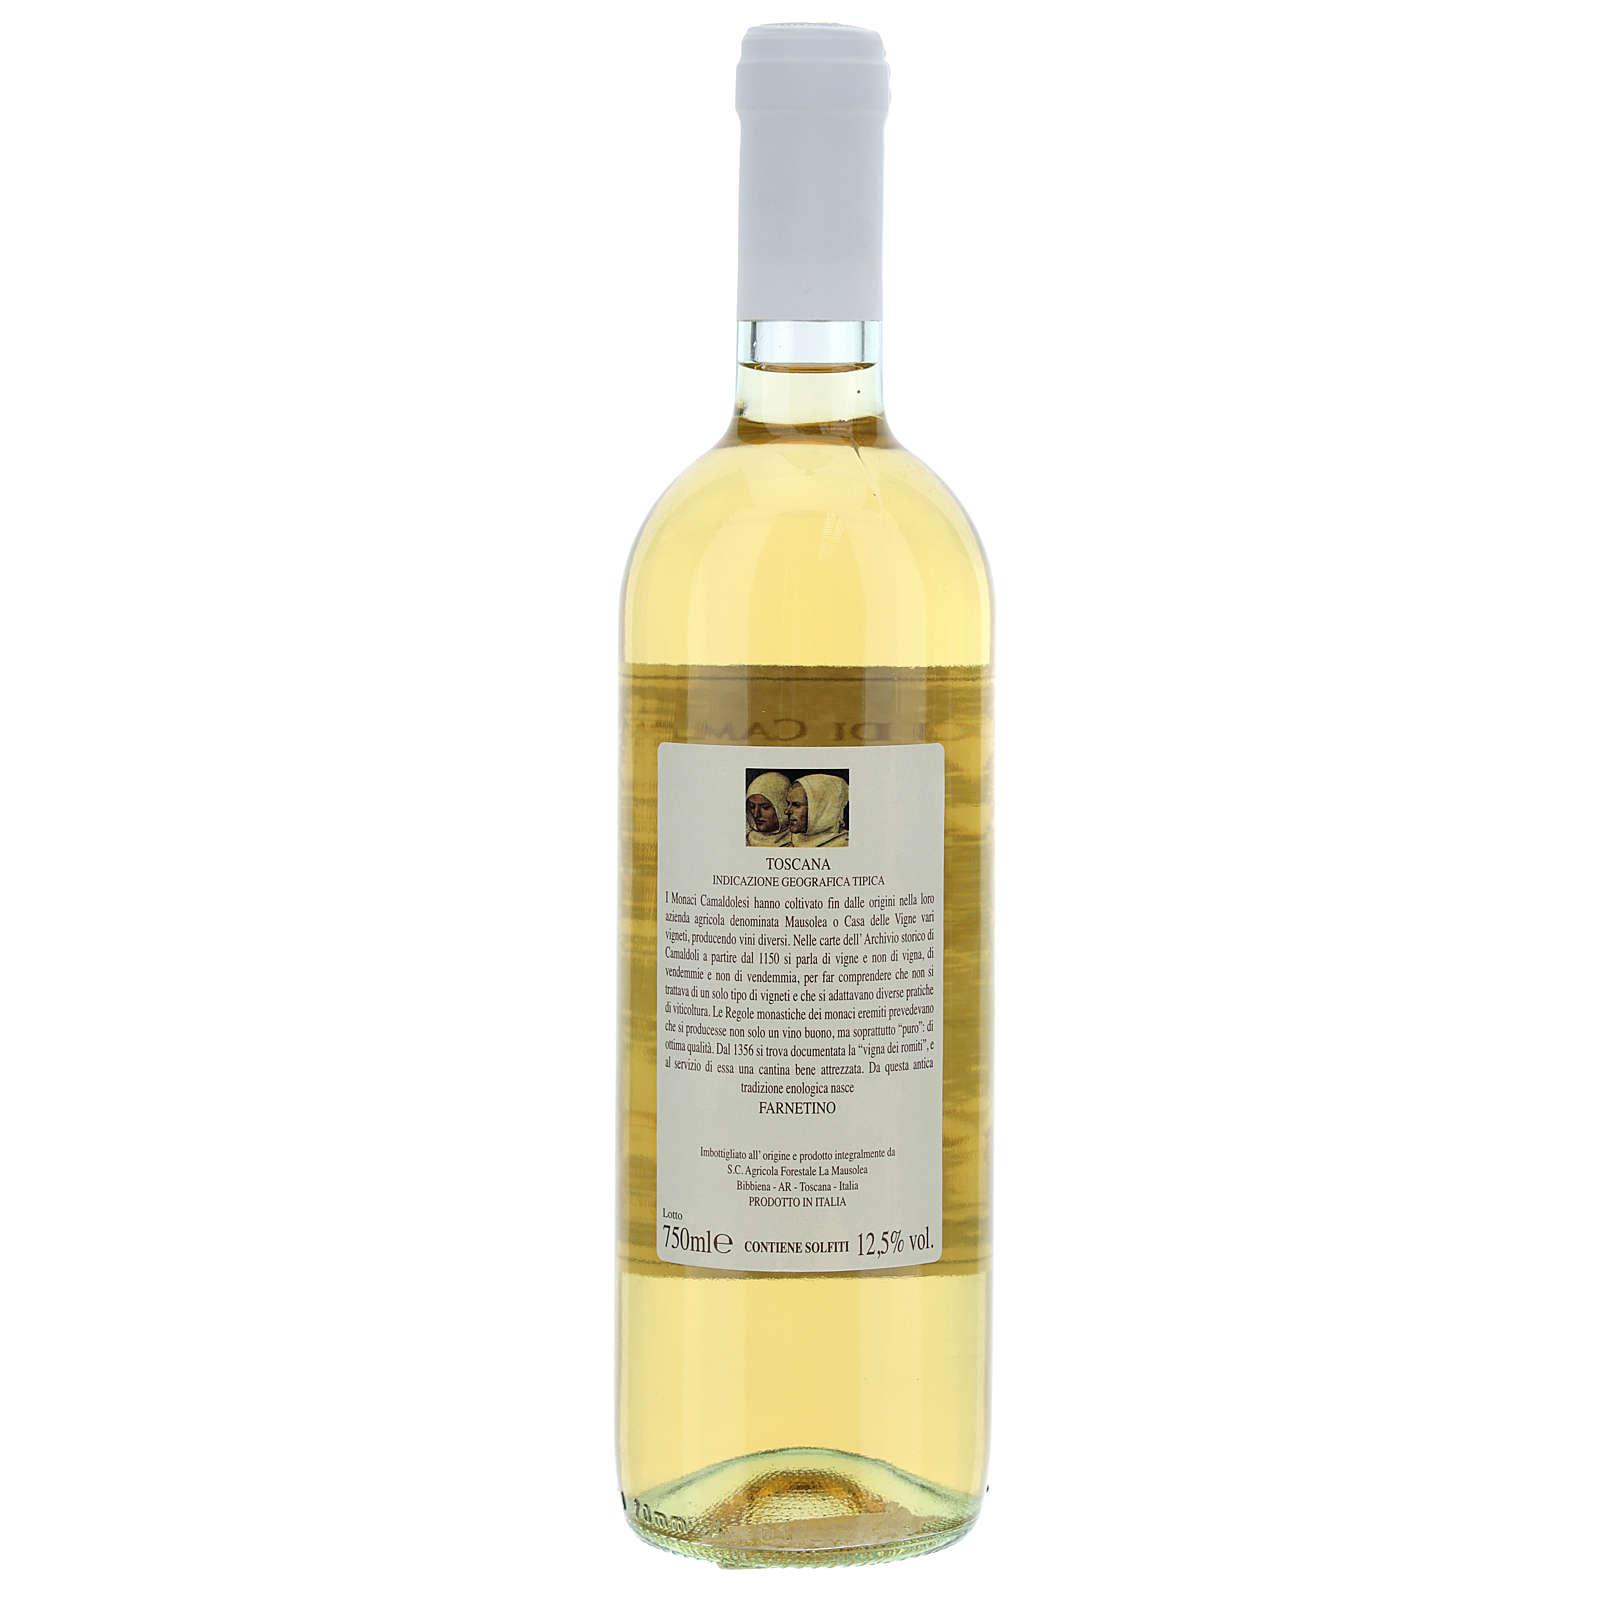 Vin blanc de Toscane Bordotto 750 ml 2015 3